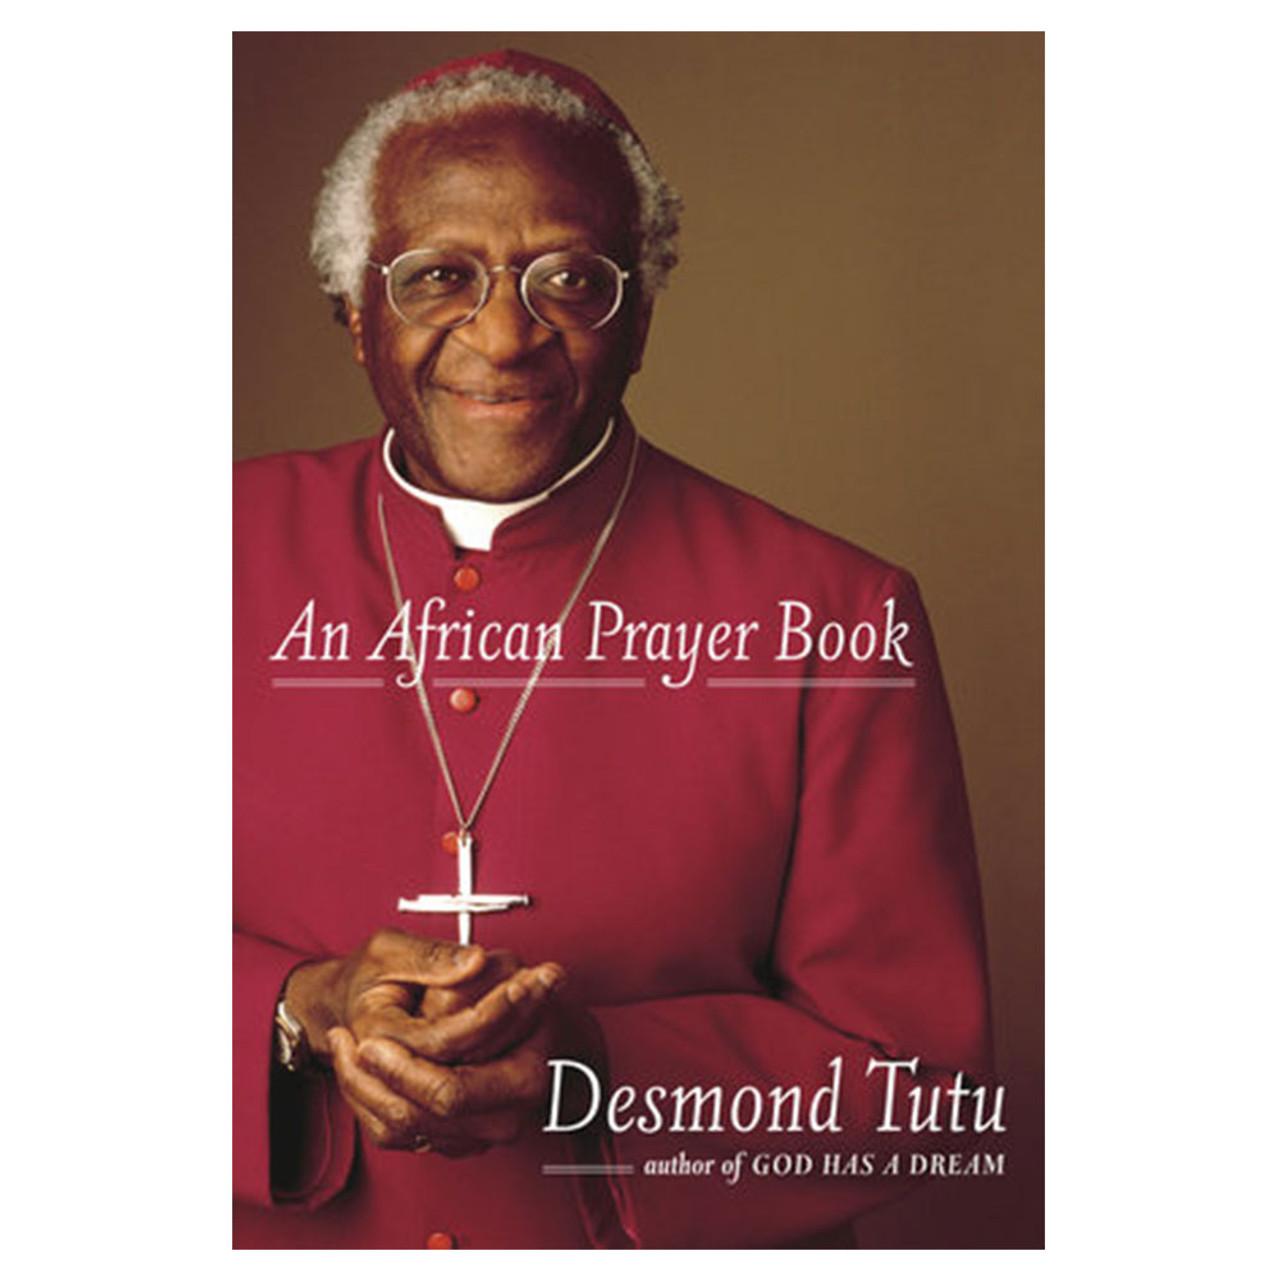 An African Prayer Book By Desmond Tutu